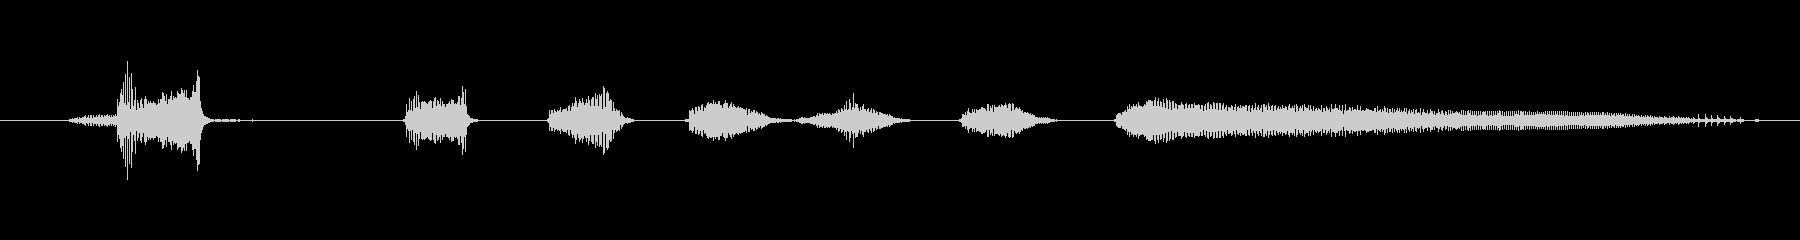 鳴き声 カズー笑い01の未再生の波形